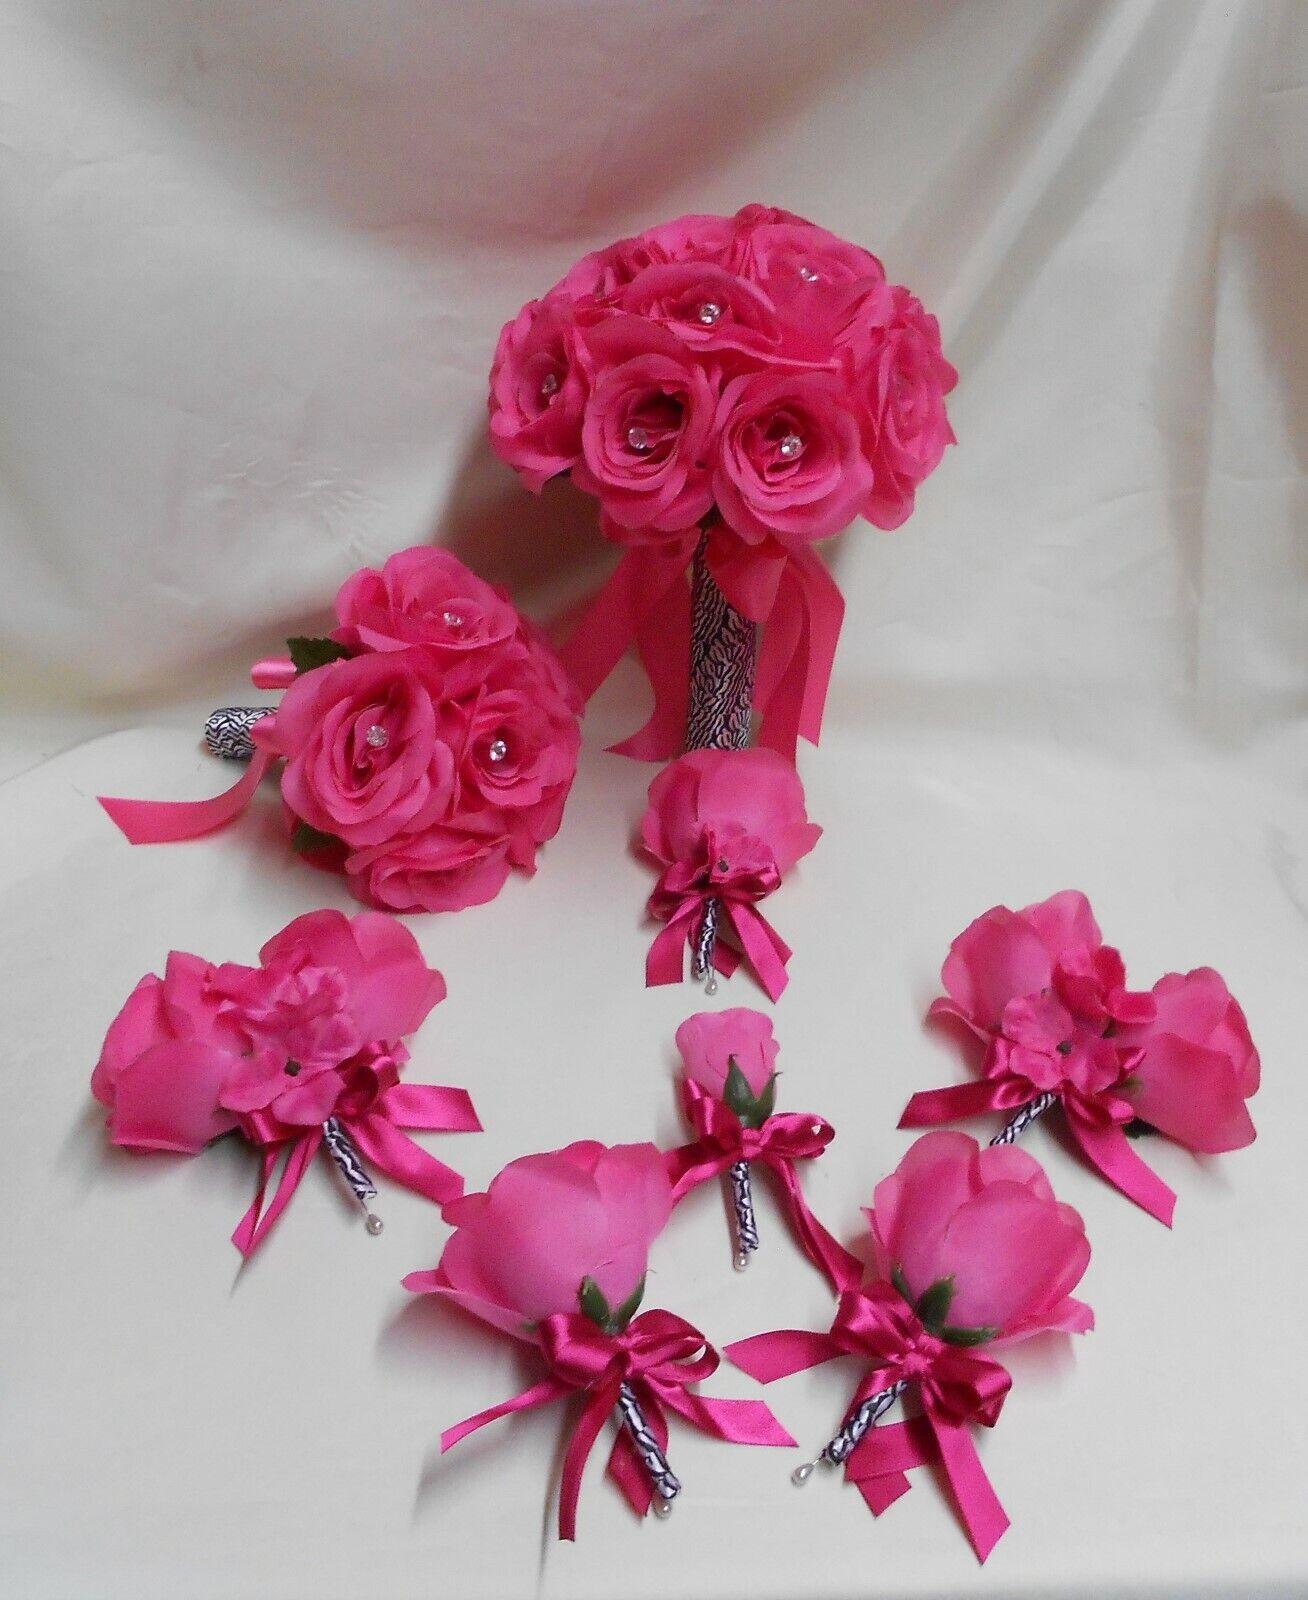 Fleurs en Soie Robe de Mariage Bouquet 18 Pcs Imprimé Zèbre Fuchsia Chaud Rose Clair